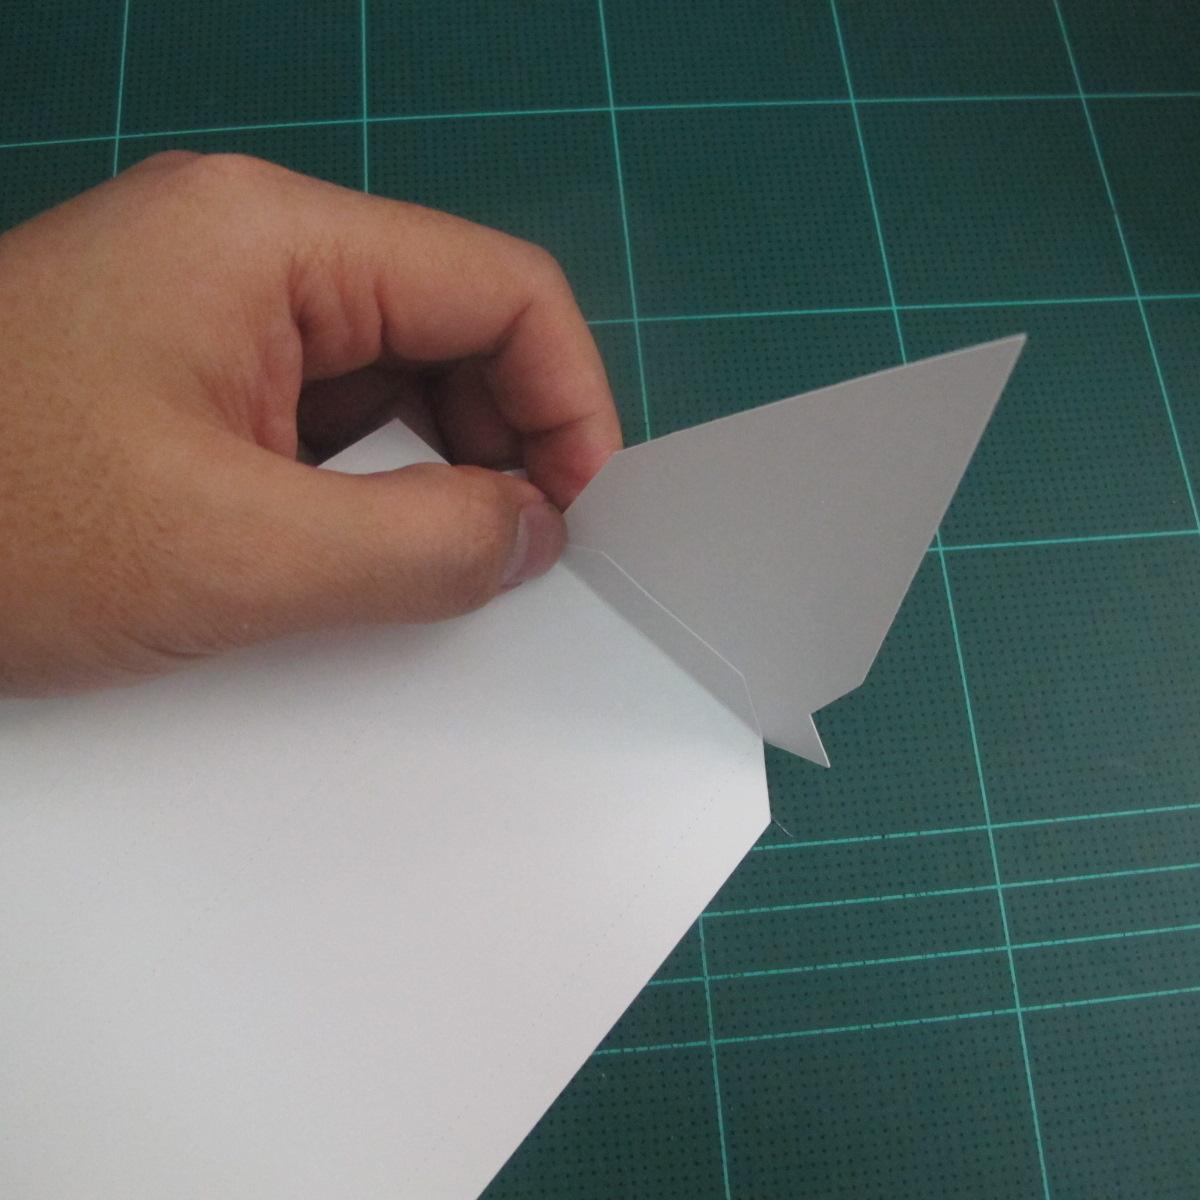 วิธีทำกล่องกระดาษสำหรับใส่ของเป็นลายดอกไม้ (Botanical paper box DIY printable template) 001